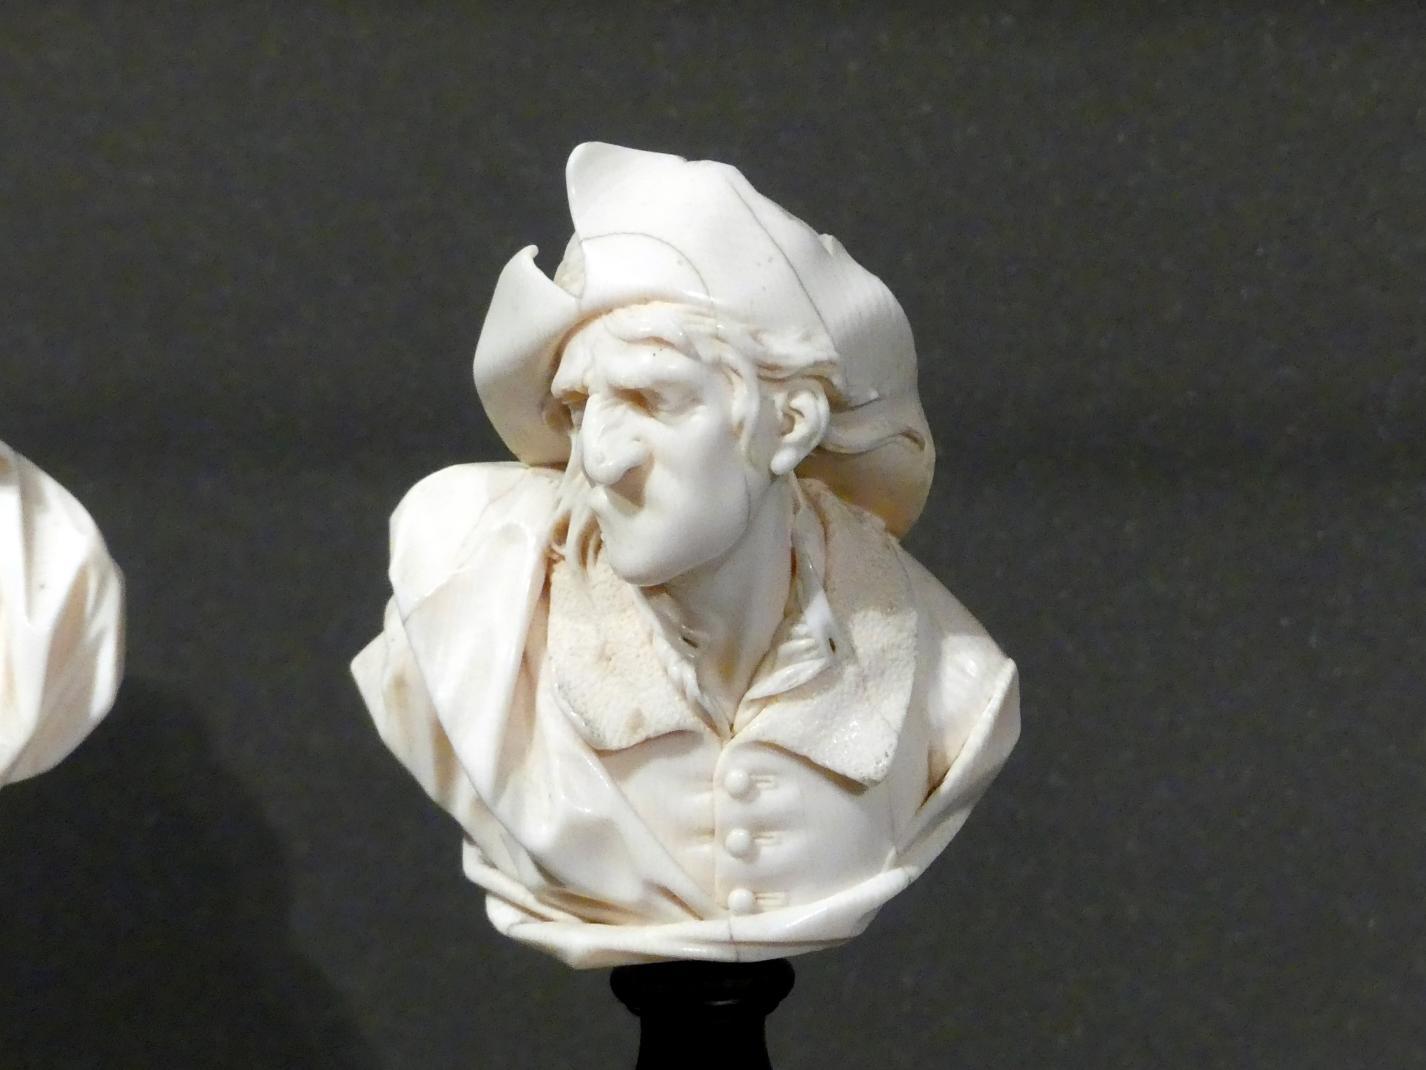 Ludwig Lücke (Johann Christian Ludwig Lücke): Büste eines grimassierenden Mannes mit Schlapphut, um 1740